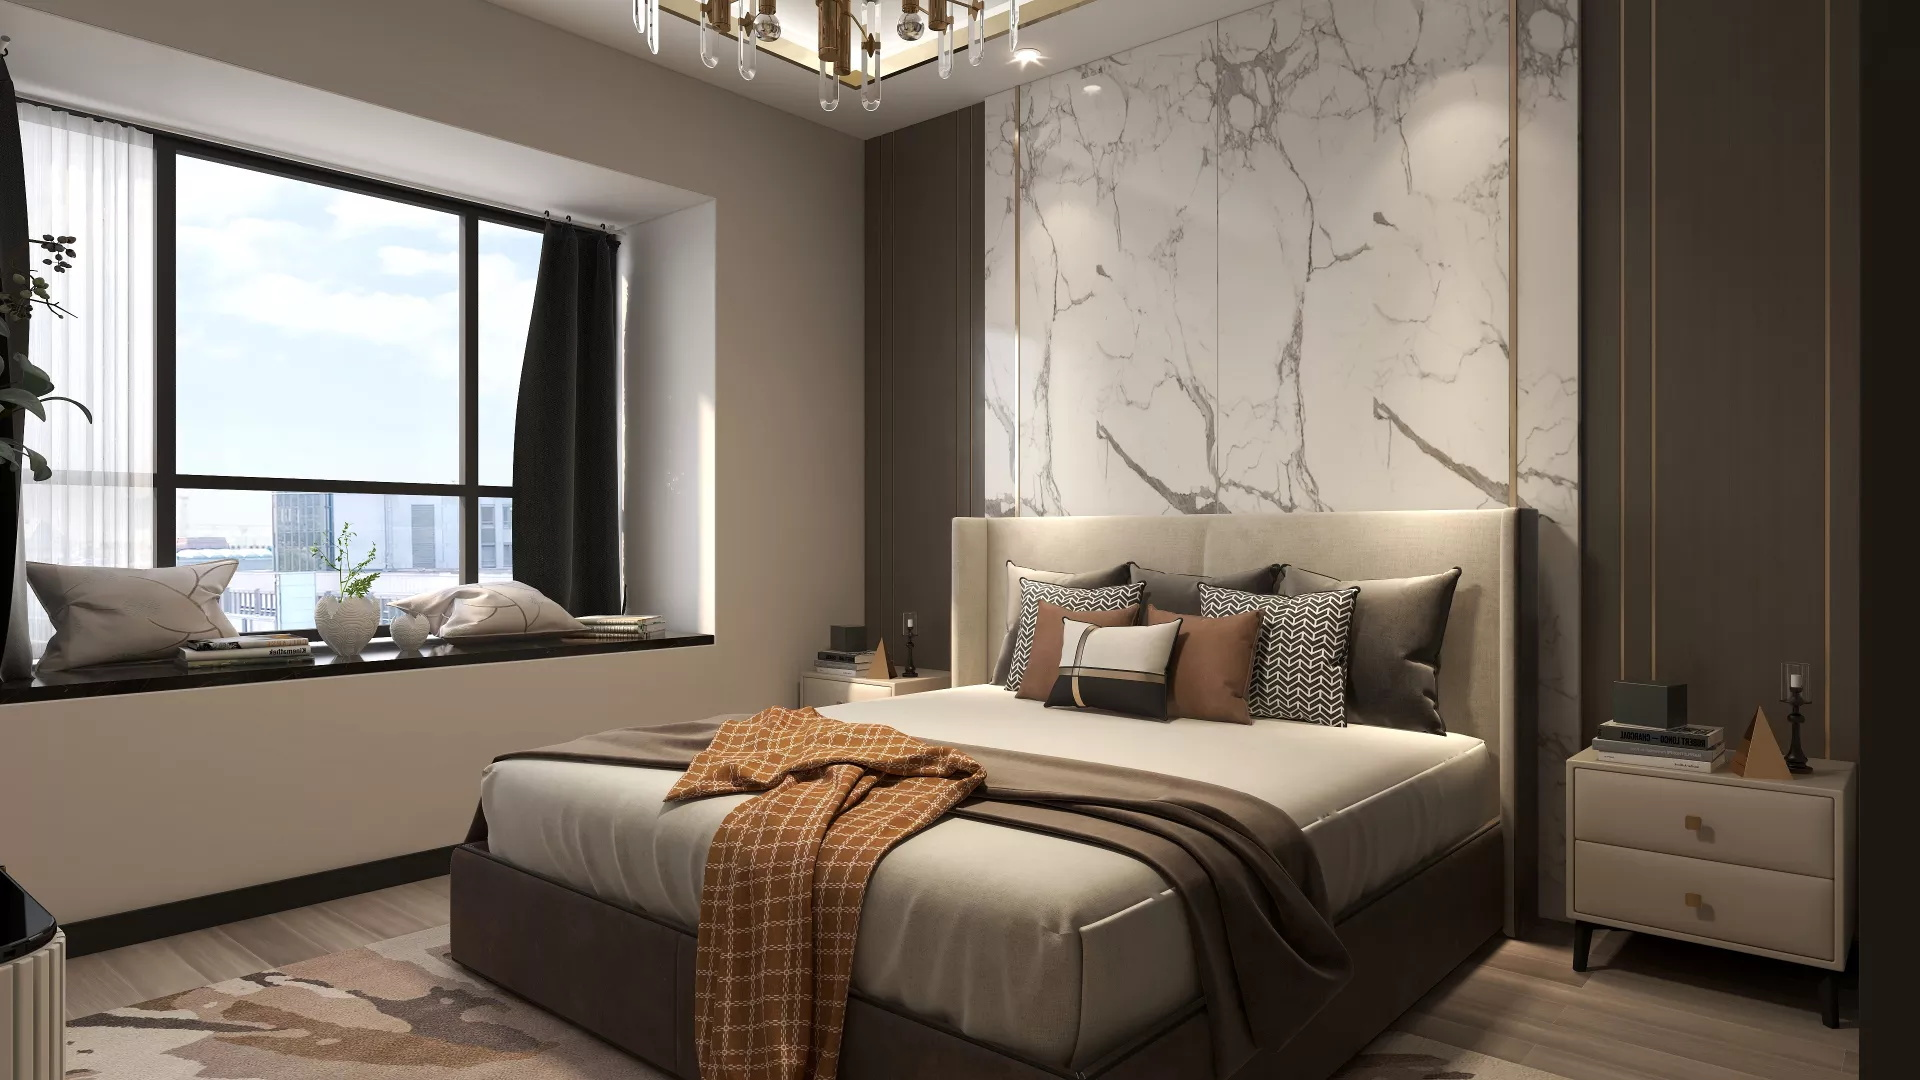 120平米房屋裝修需要多少錢 裝修120平米房子的注意事項